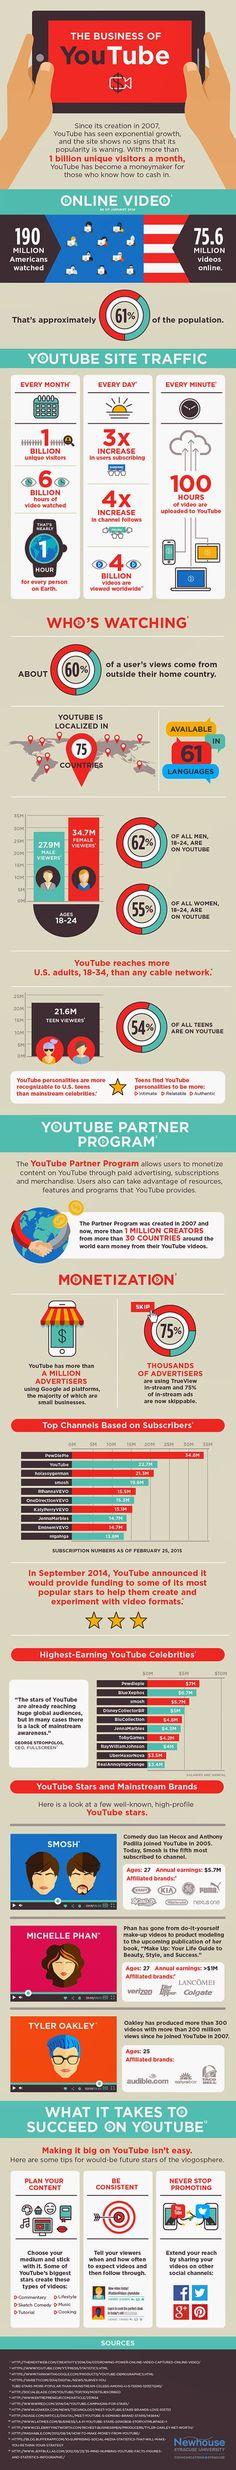 The Business of YouTube // El negocio de YouTube: 30 hechos que te van a sorprender.